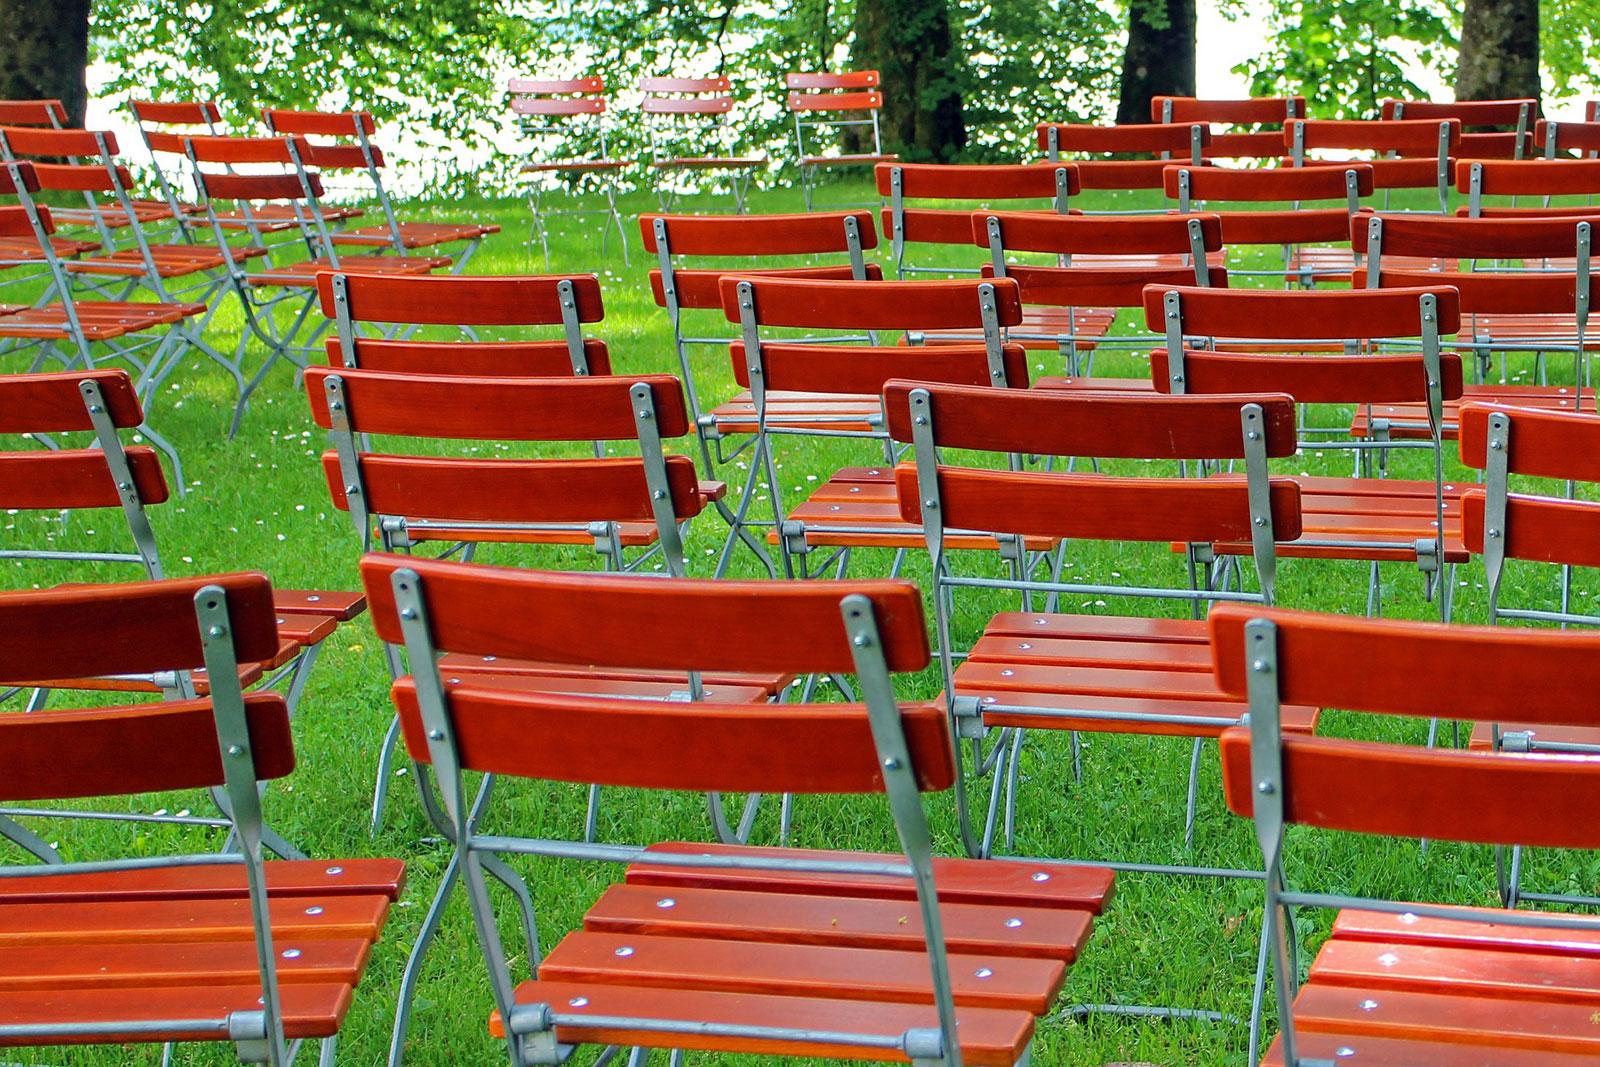 Cinéma en plein air à Metz : des séances gratuites tout l'été